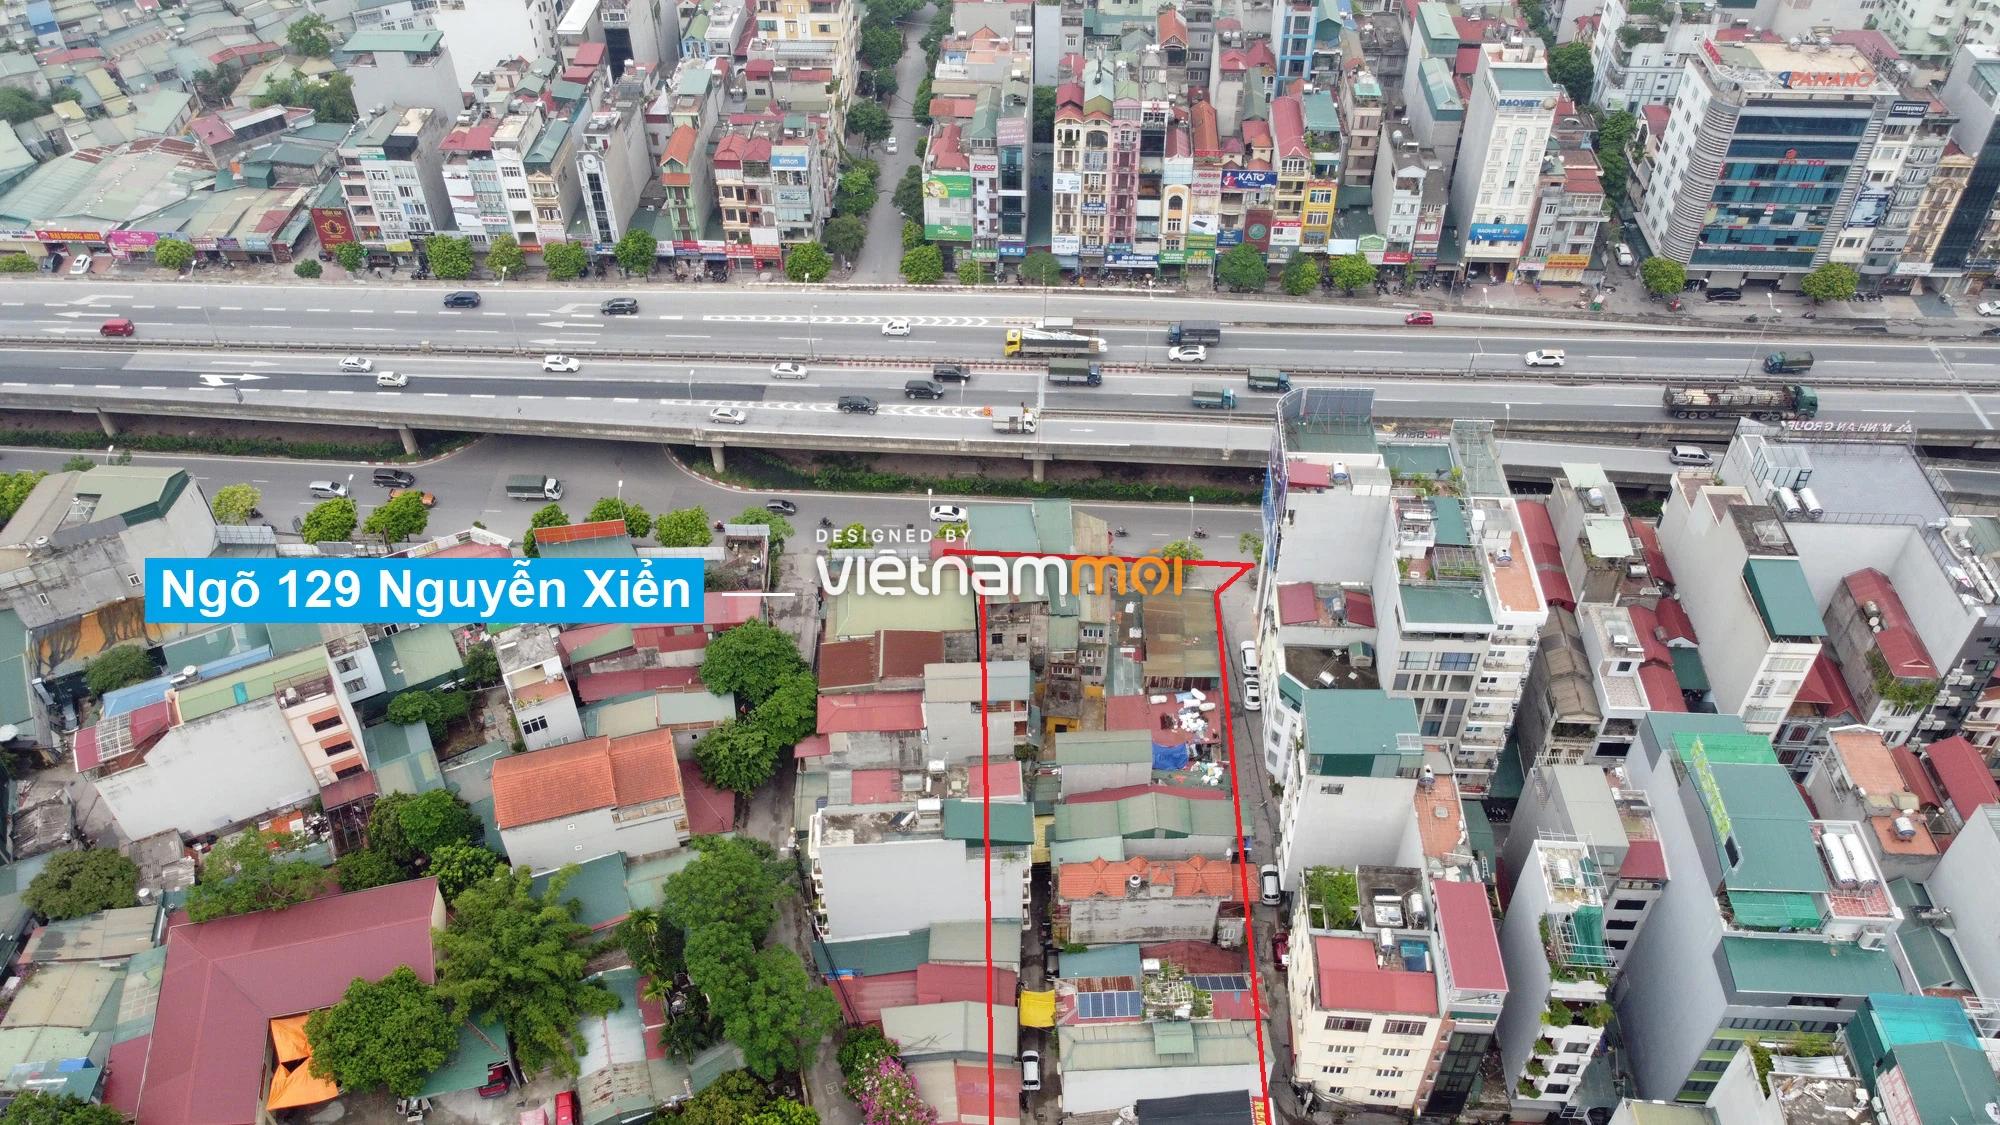 Những khu đất sắp thu hồi để mở đường ở quận Thanh Xuân, Hà Nội (phần 2) - Ảnh 3.